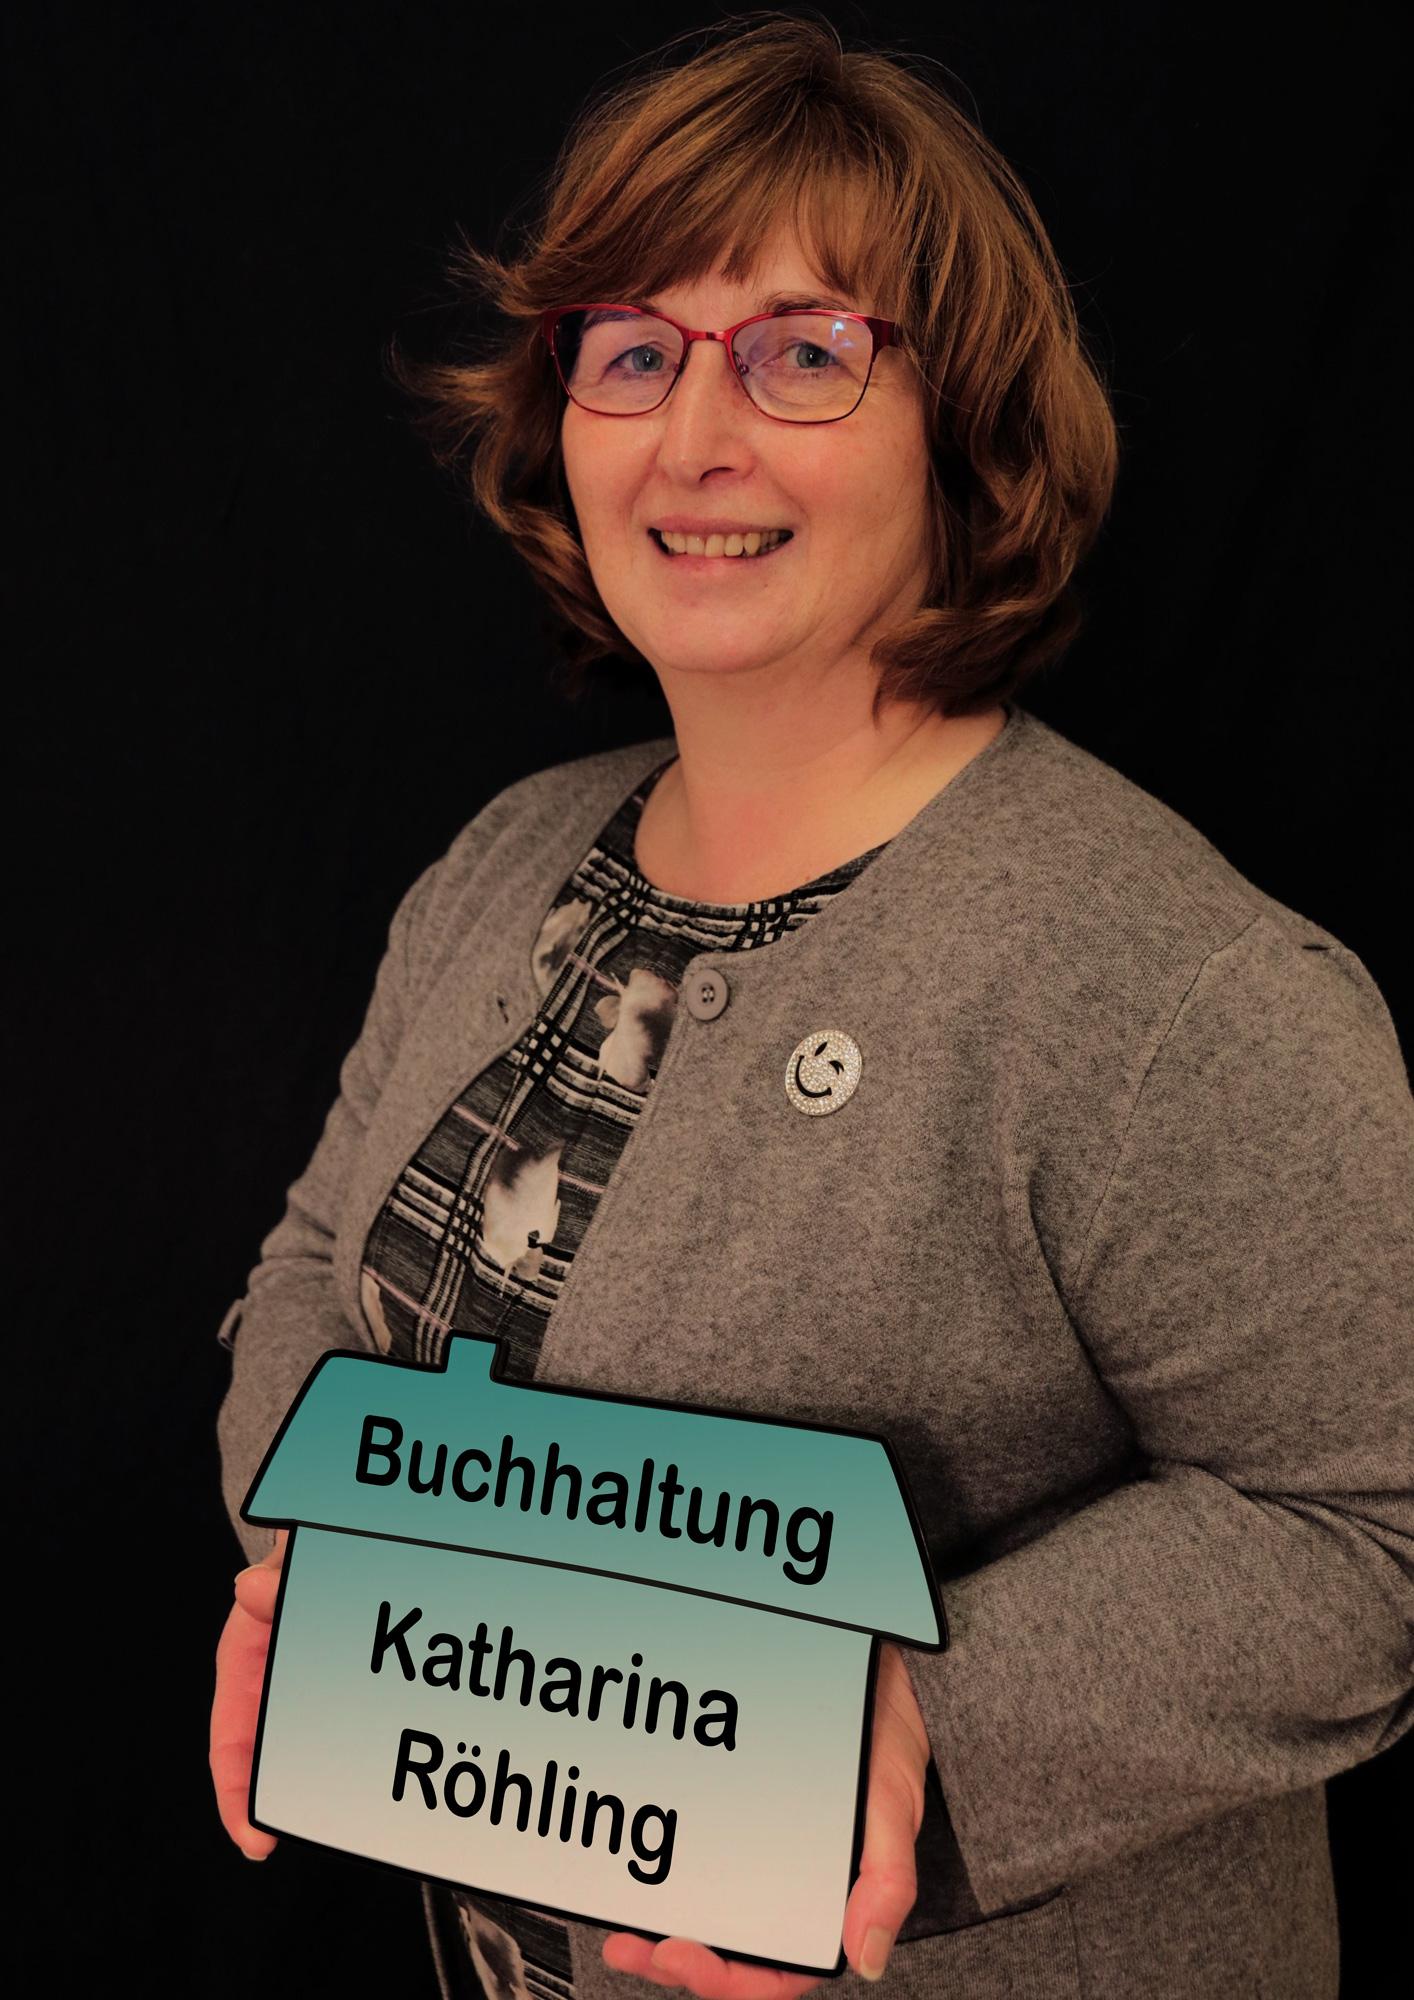 Katharina Röhling